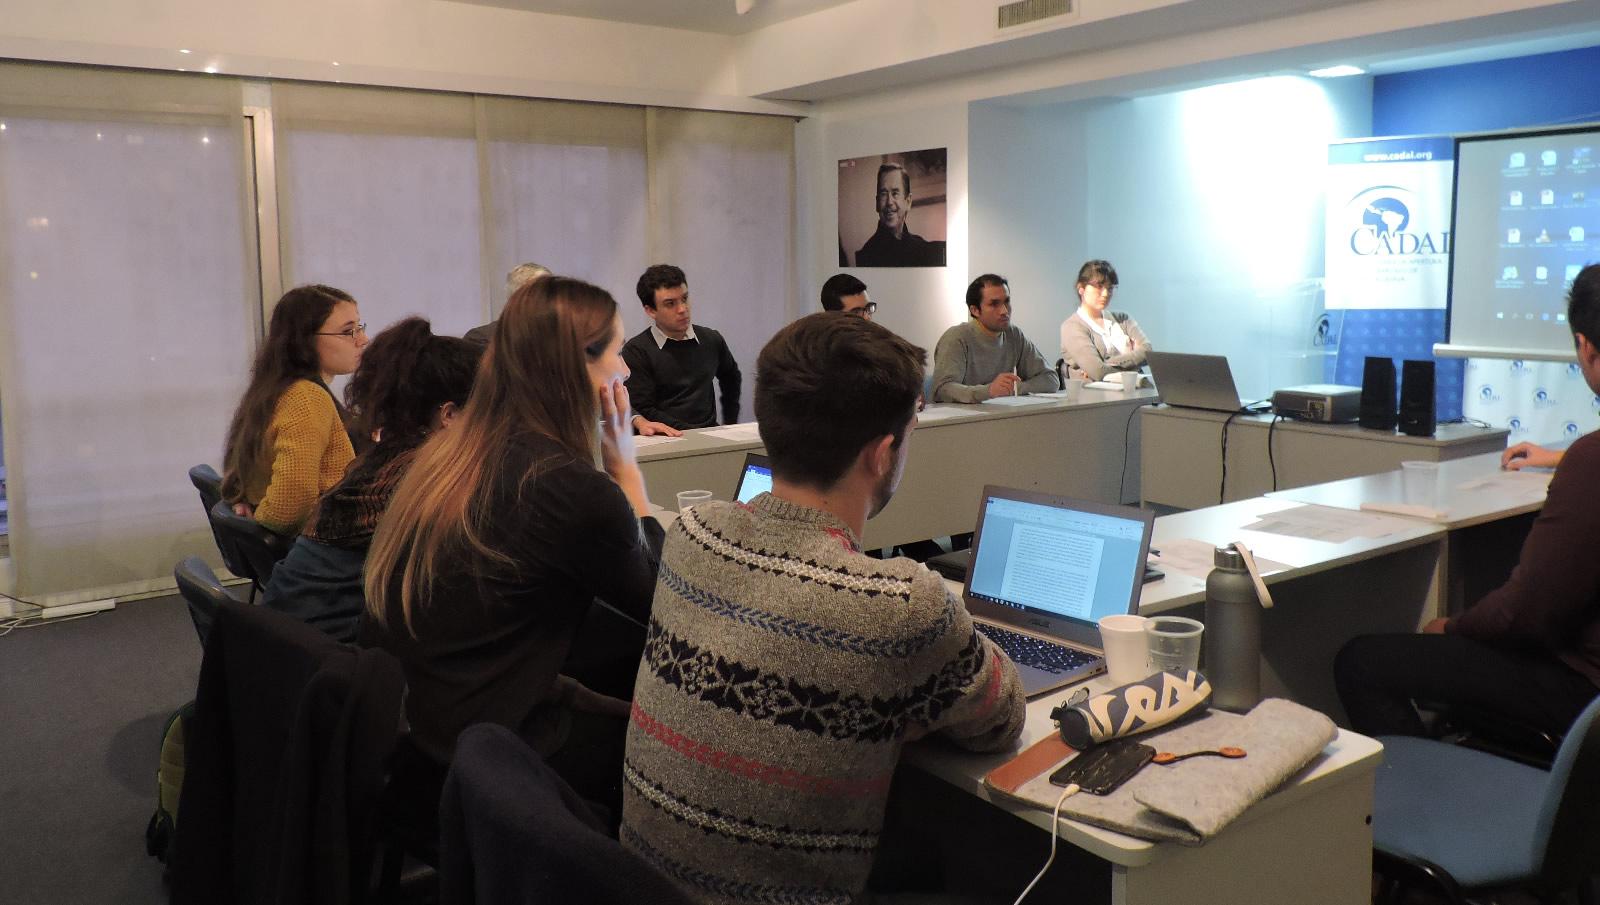 Reunión de voluntarios del Observatorio de Relaciones Internacionales y Derechos Humanos